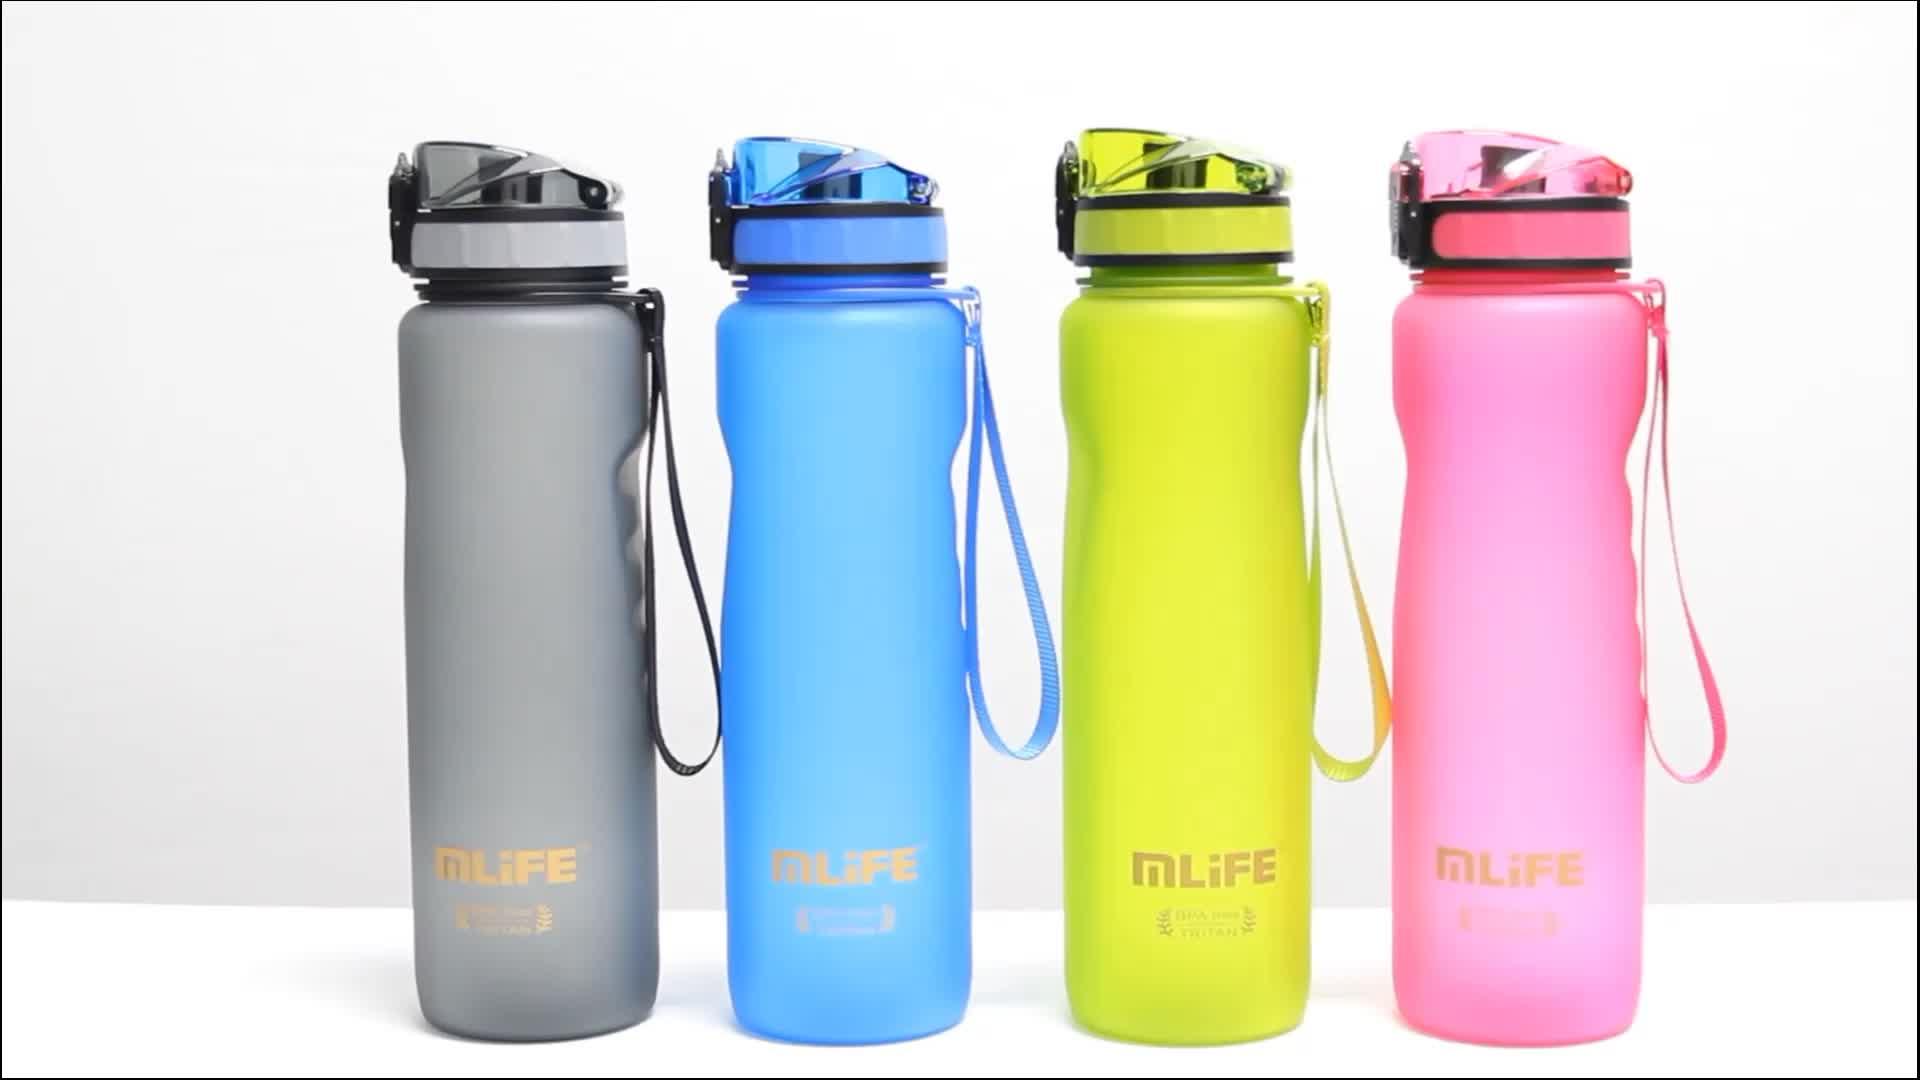 Mlife 1000ml BPA Livre Tritan Plástico Portátil Garrafa de Água de Esportes